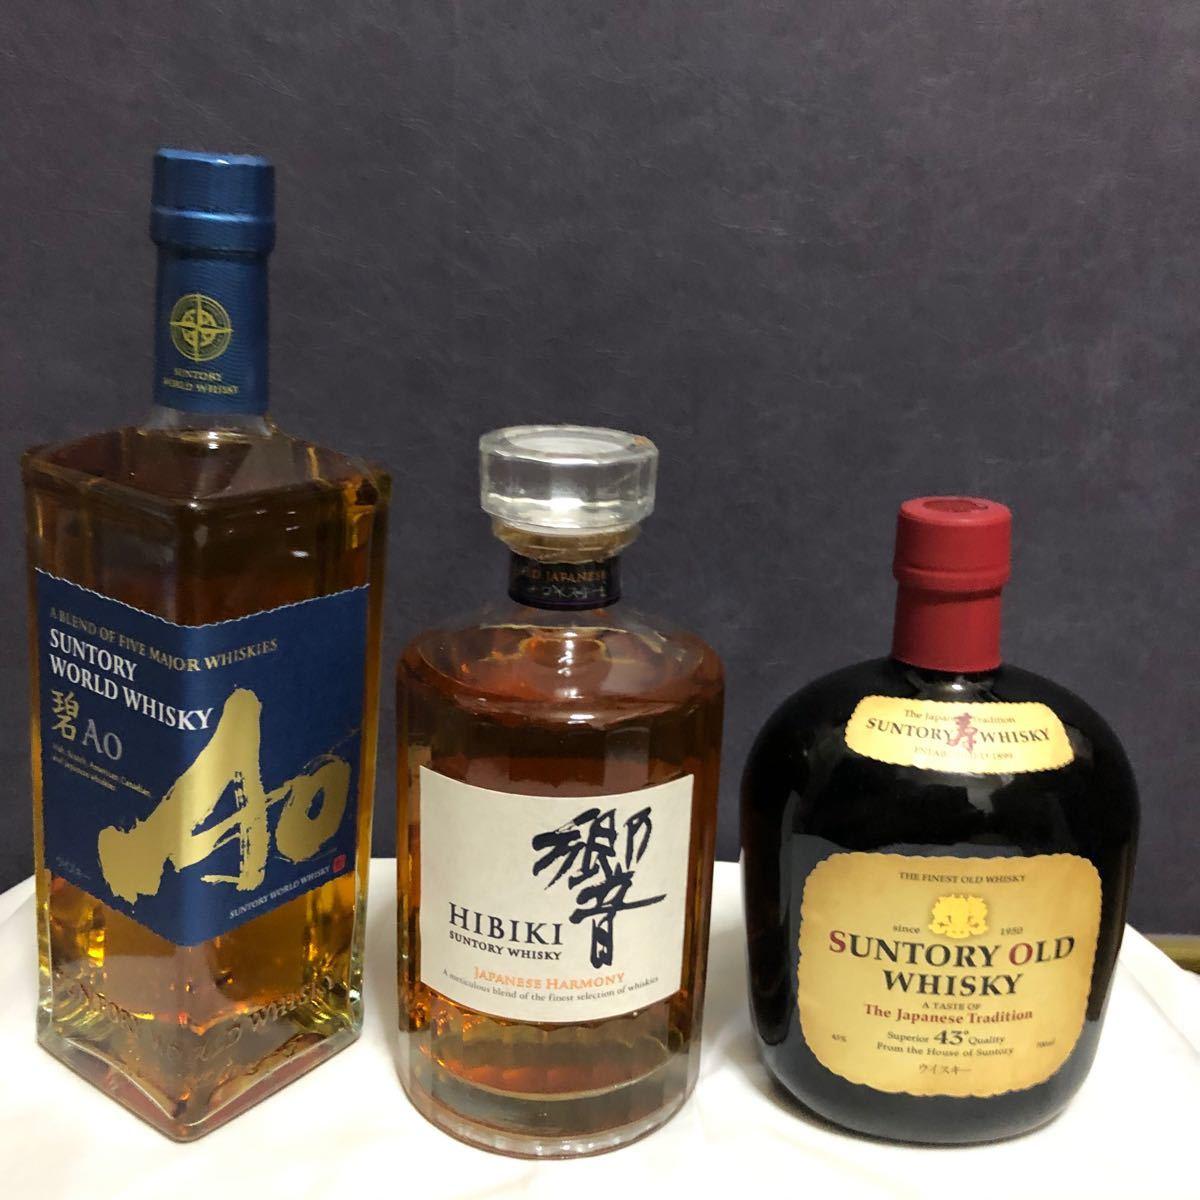 国産ブレンデッドウイスキー飲み比べセット 響JAPANESE HARMONY 碧AO オールド サントリー suntory 未開栓